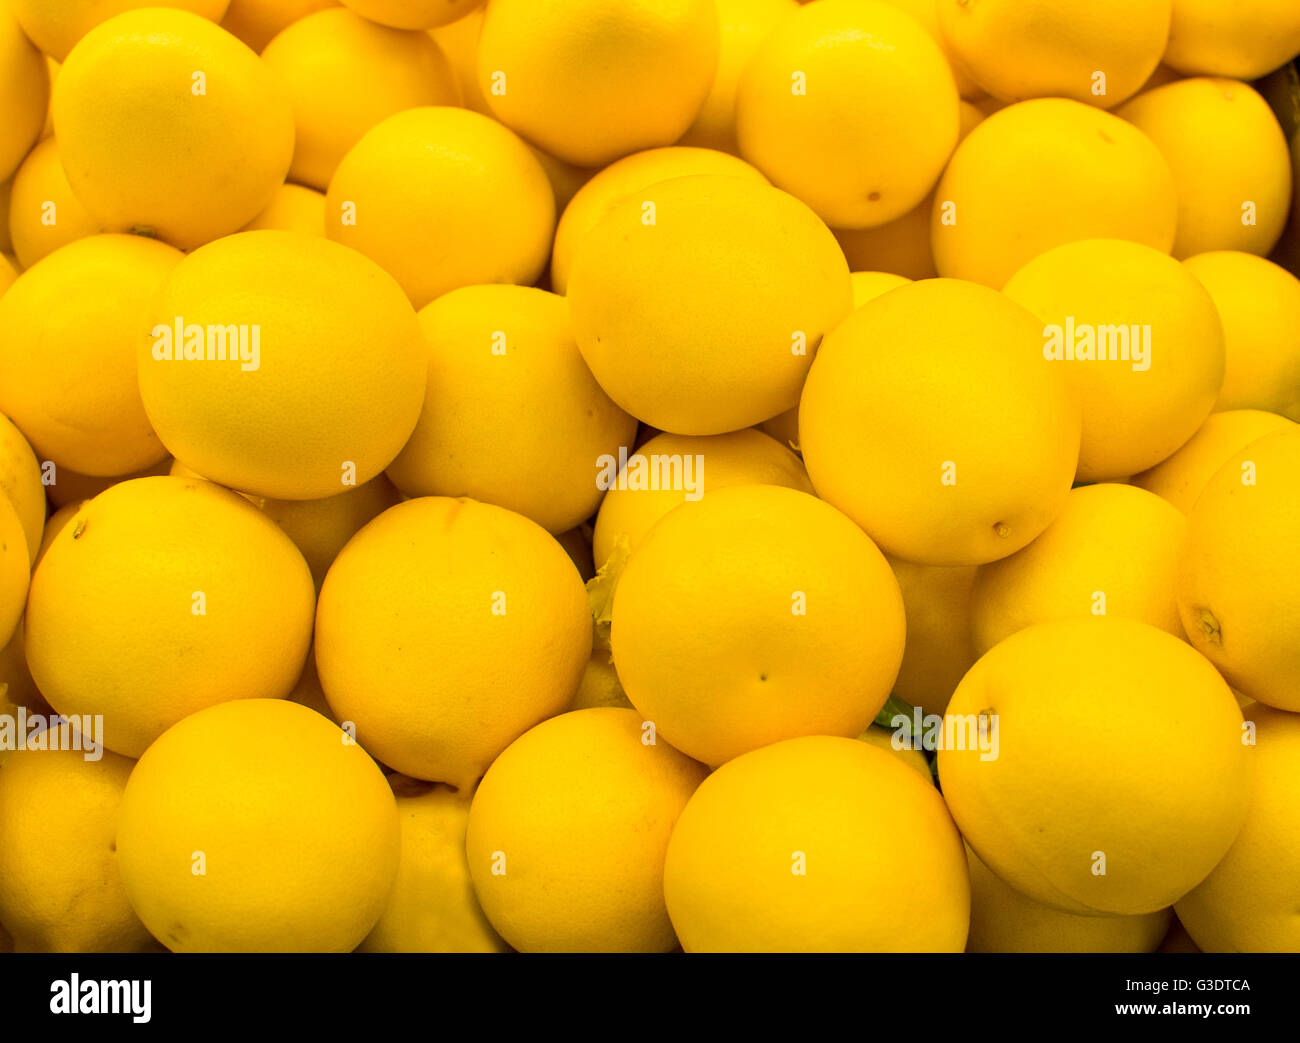 Il giallo dei limoni sfondi texture Immagini Stock